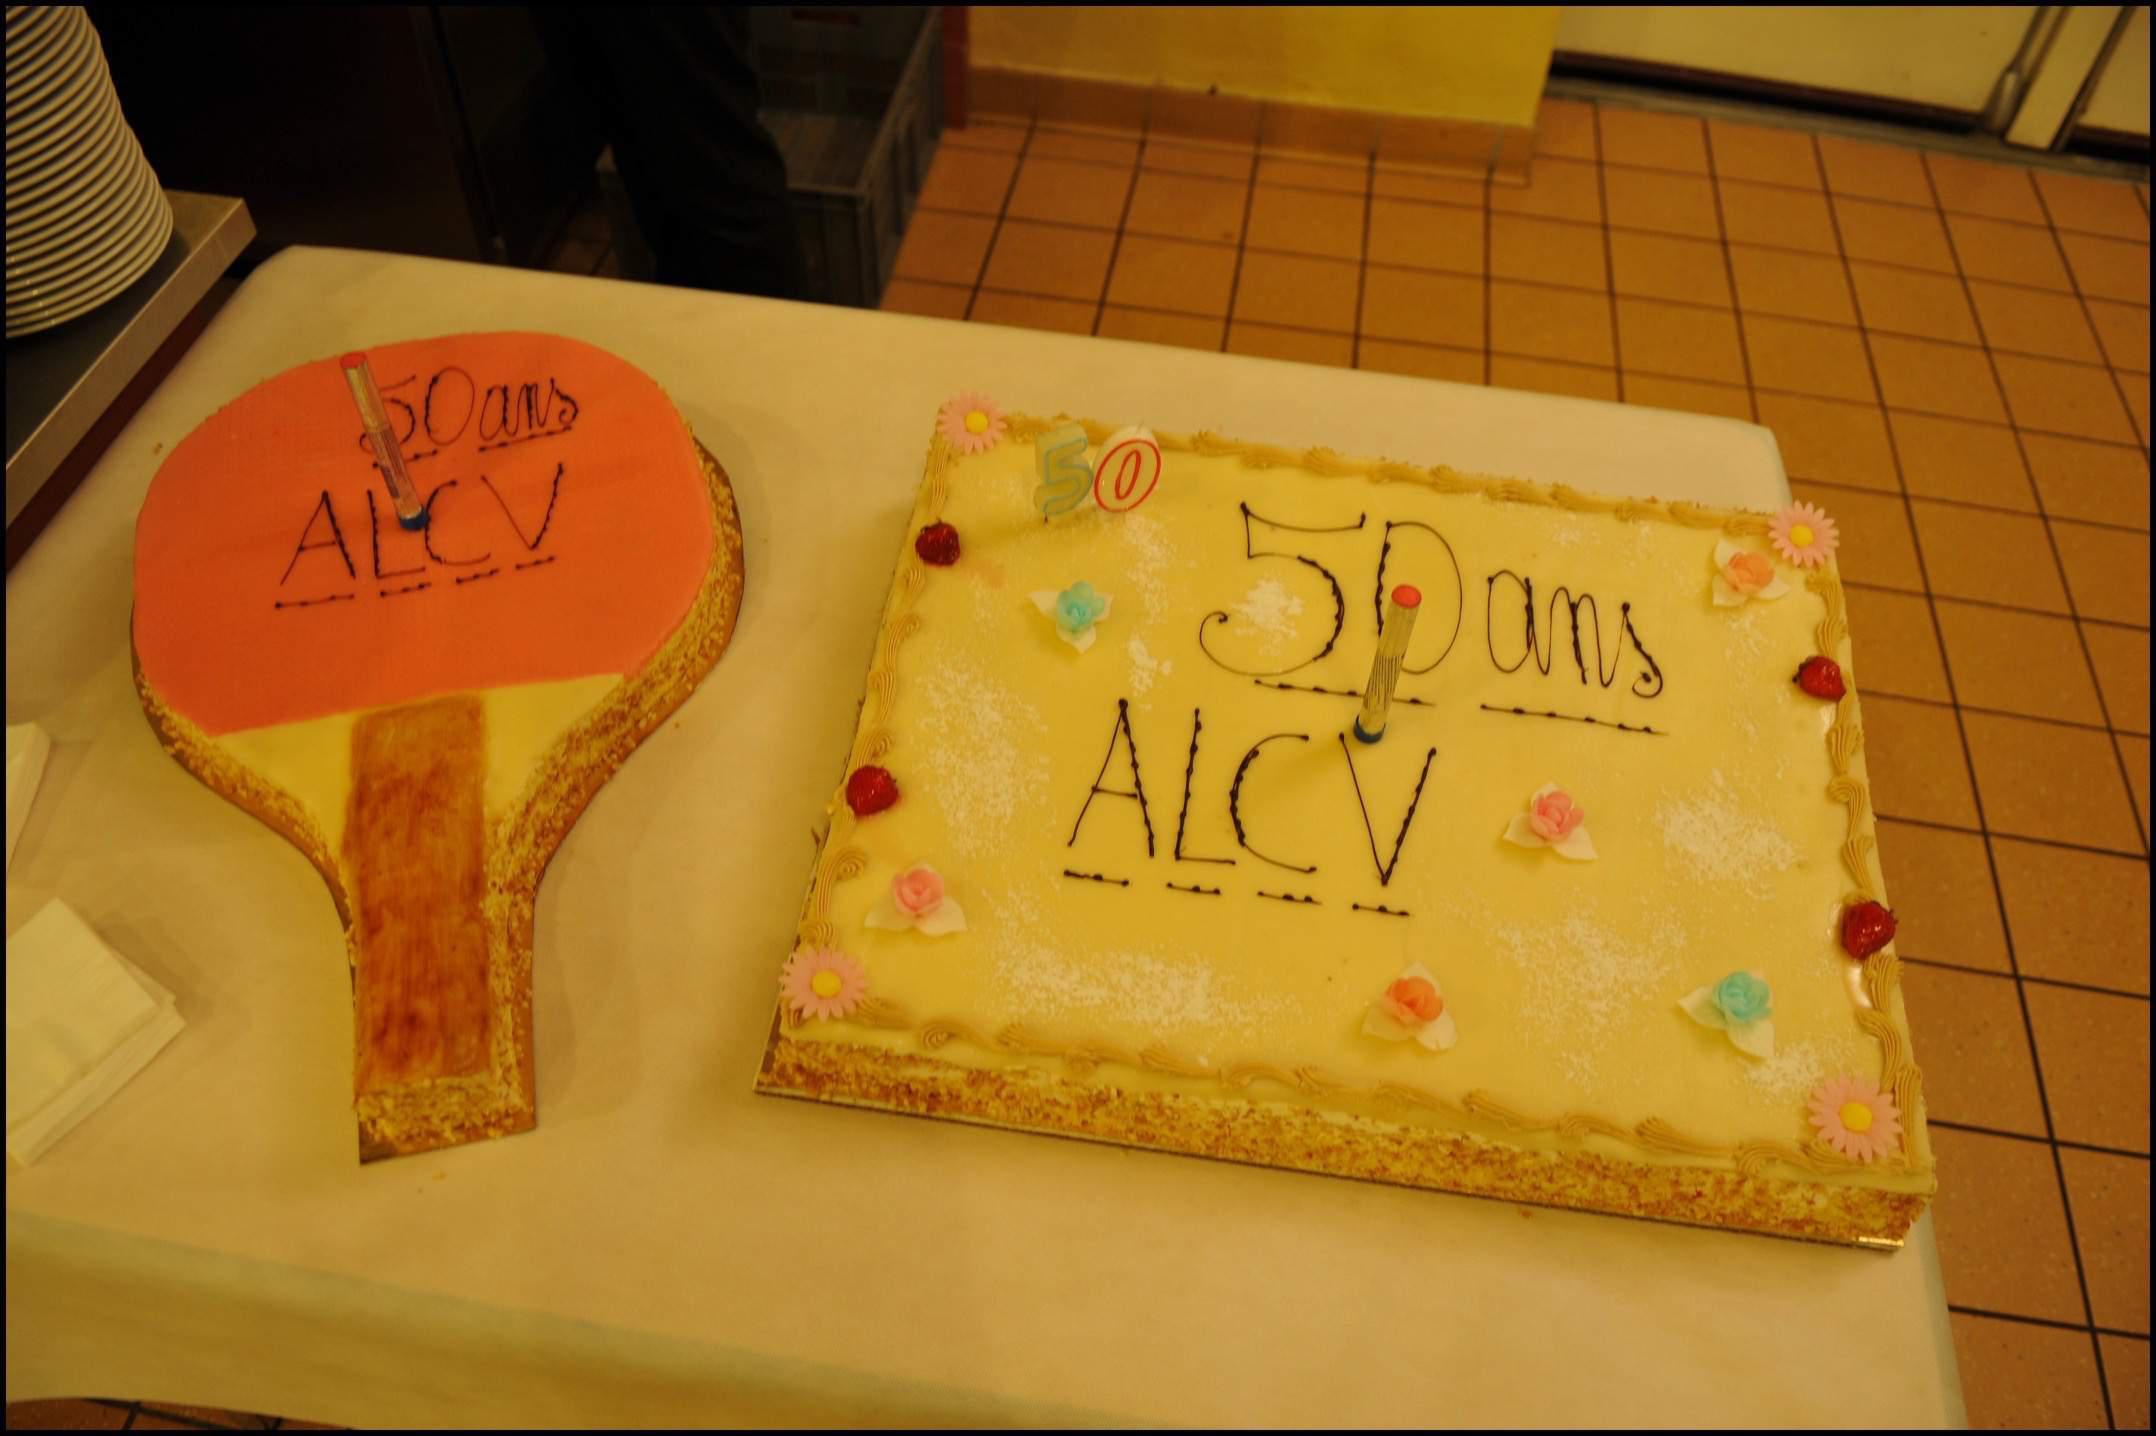 2014-2015 - 50 ans de l'ALCV - 241